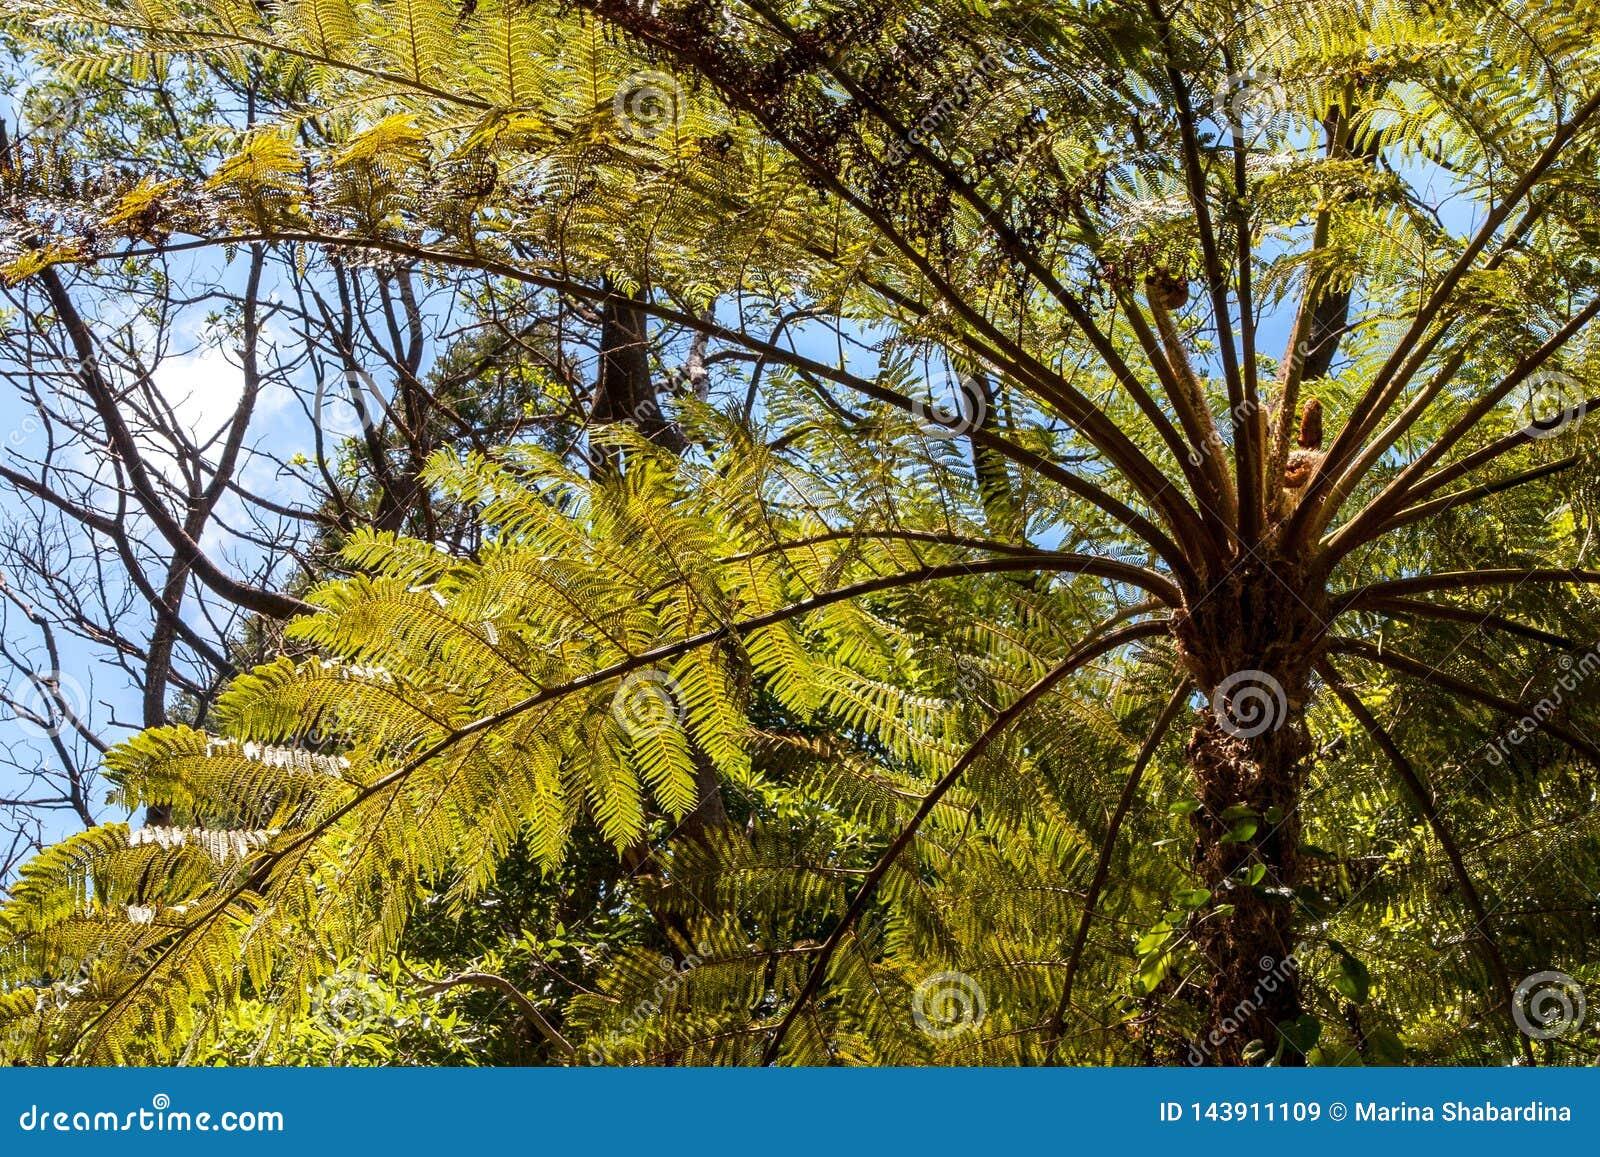 Une vue de la base des feuilles des palmiers avec la belle lumière du soleil